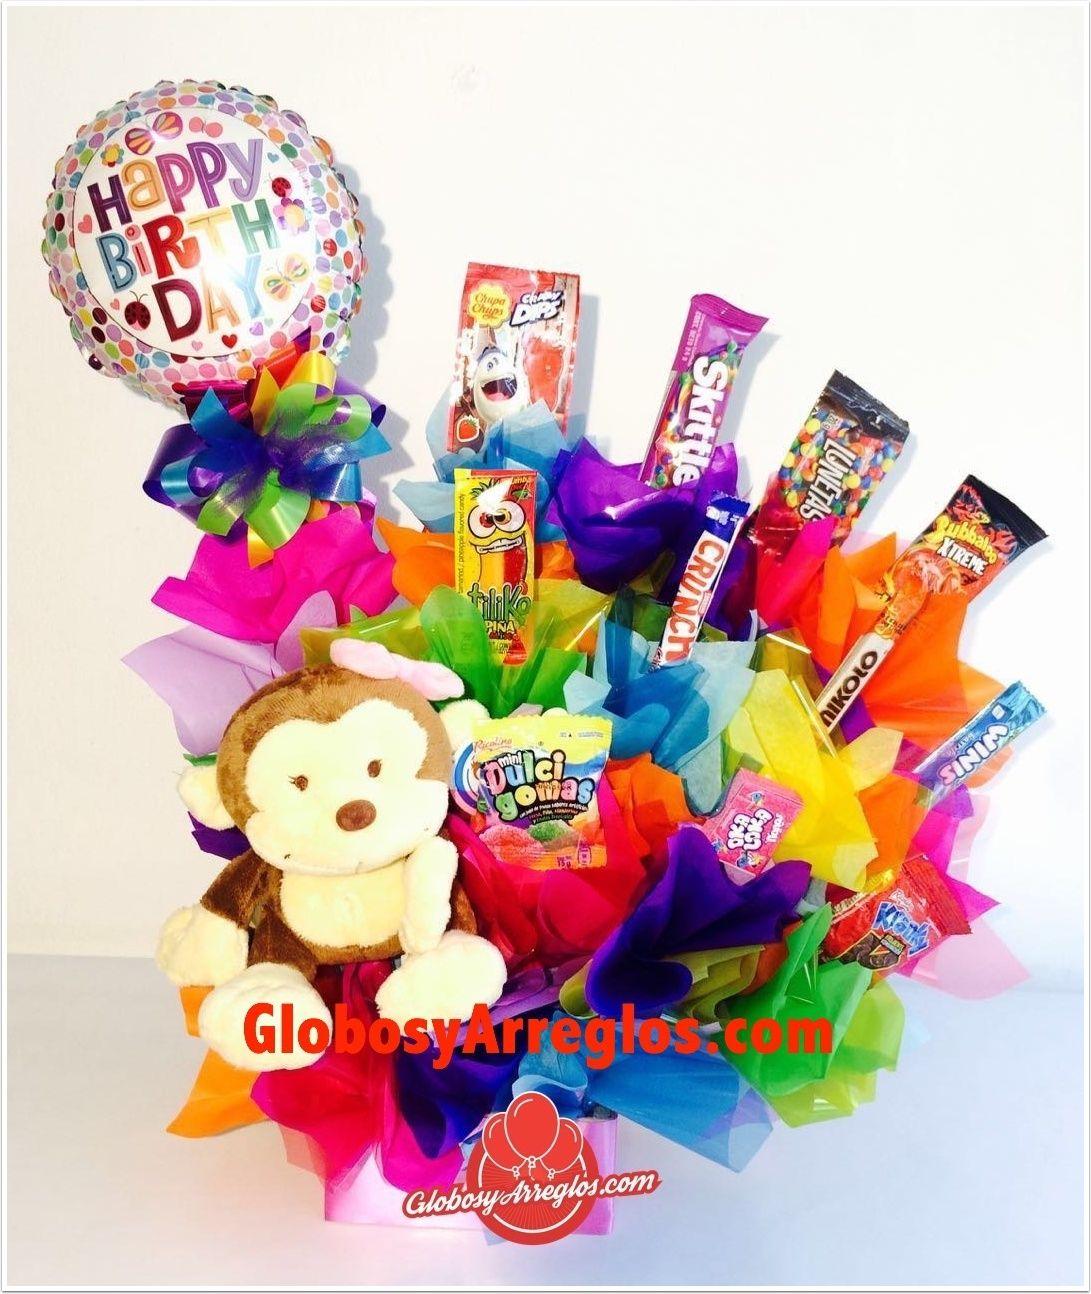 Arreglo de globos arreglo de globos env o monterrey regalo para hombre regalo para caballero - Decoracion para regalos ...